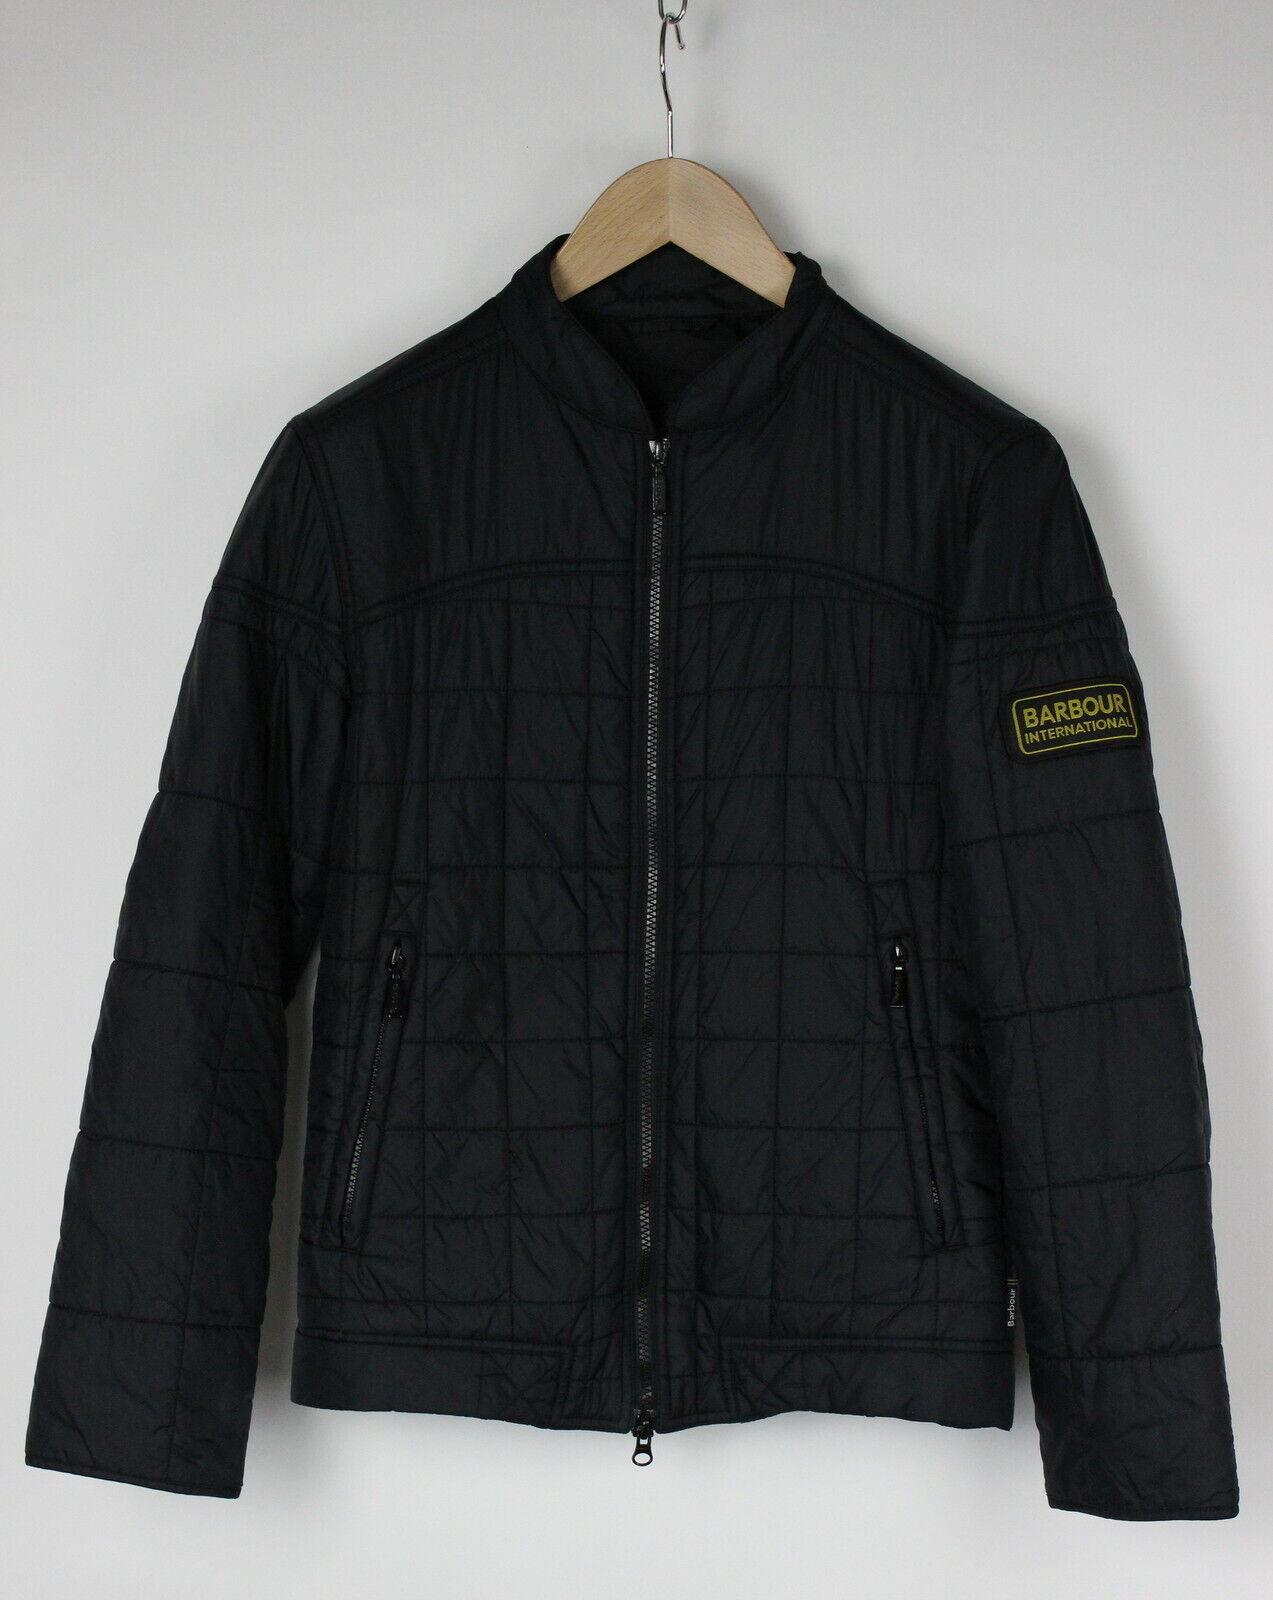 Barbour international b. intil burnout quilt homme s rempli noir veste 28888-js